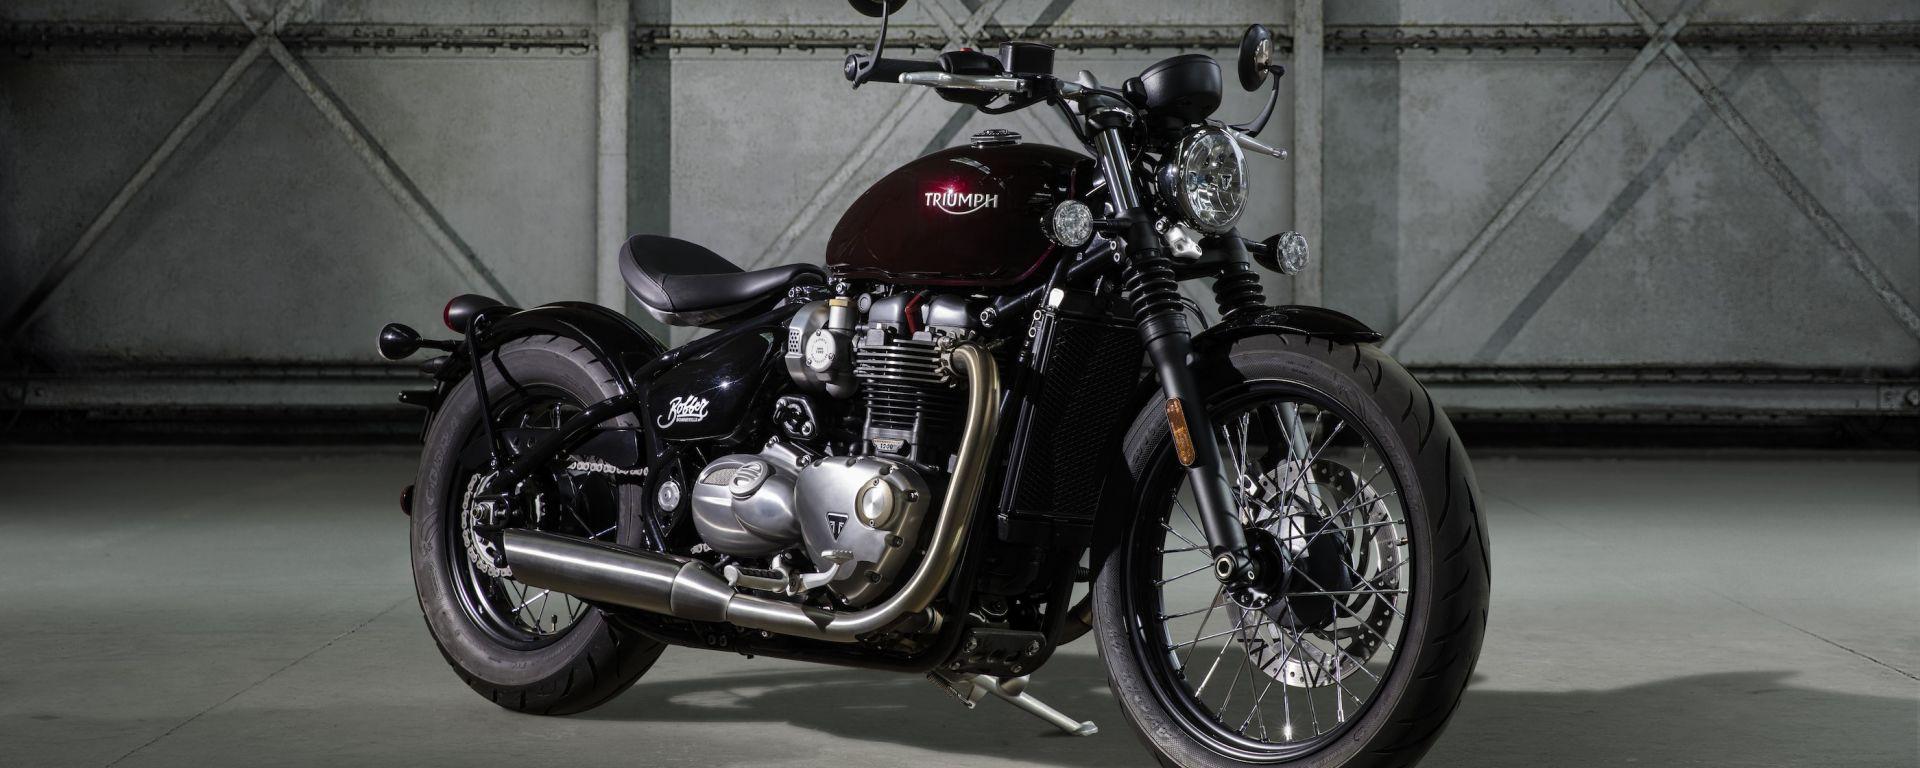 Triumph Bonneville Bobber nera